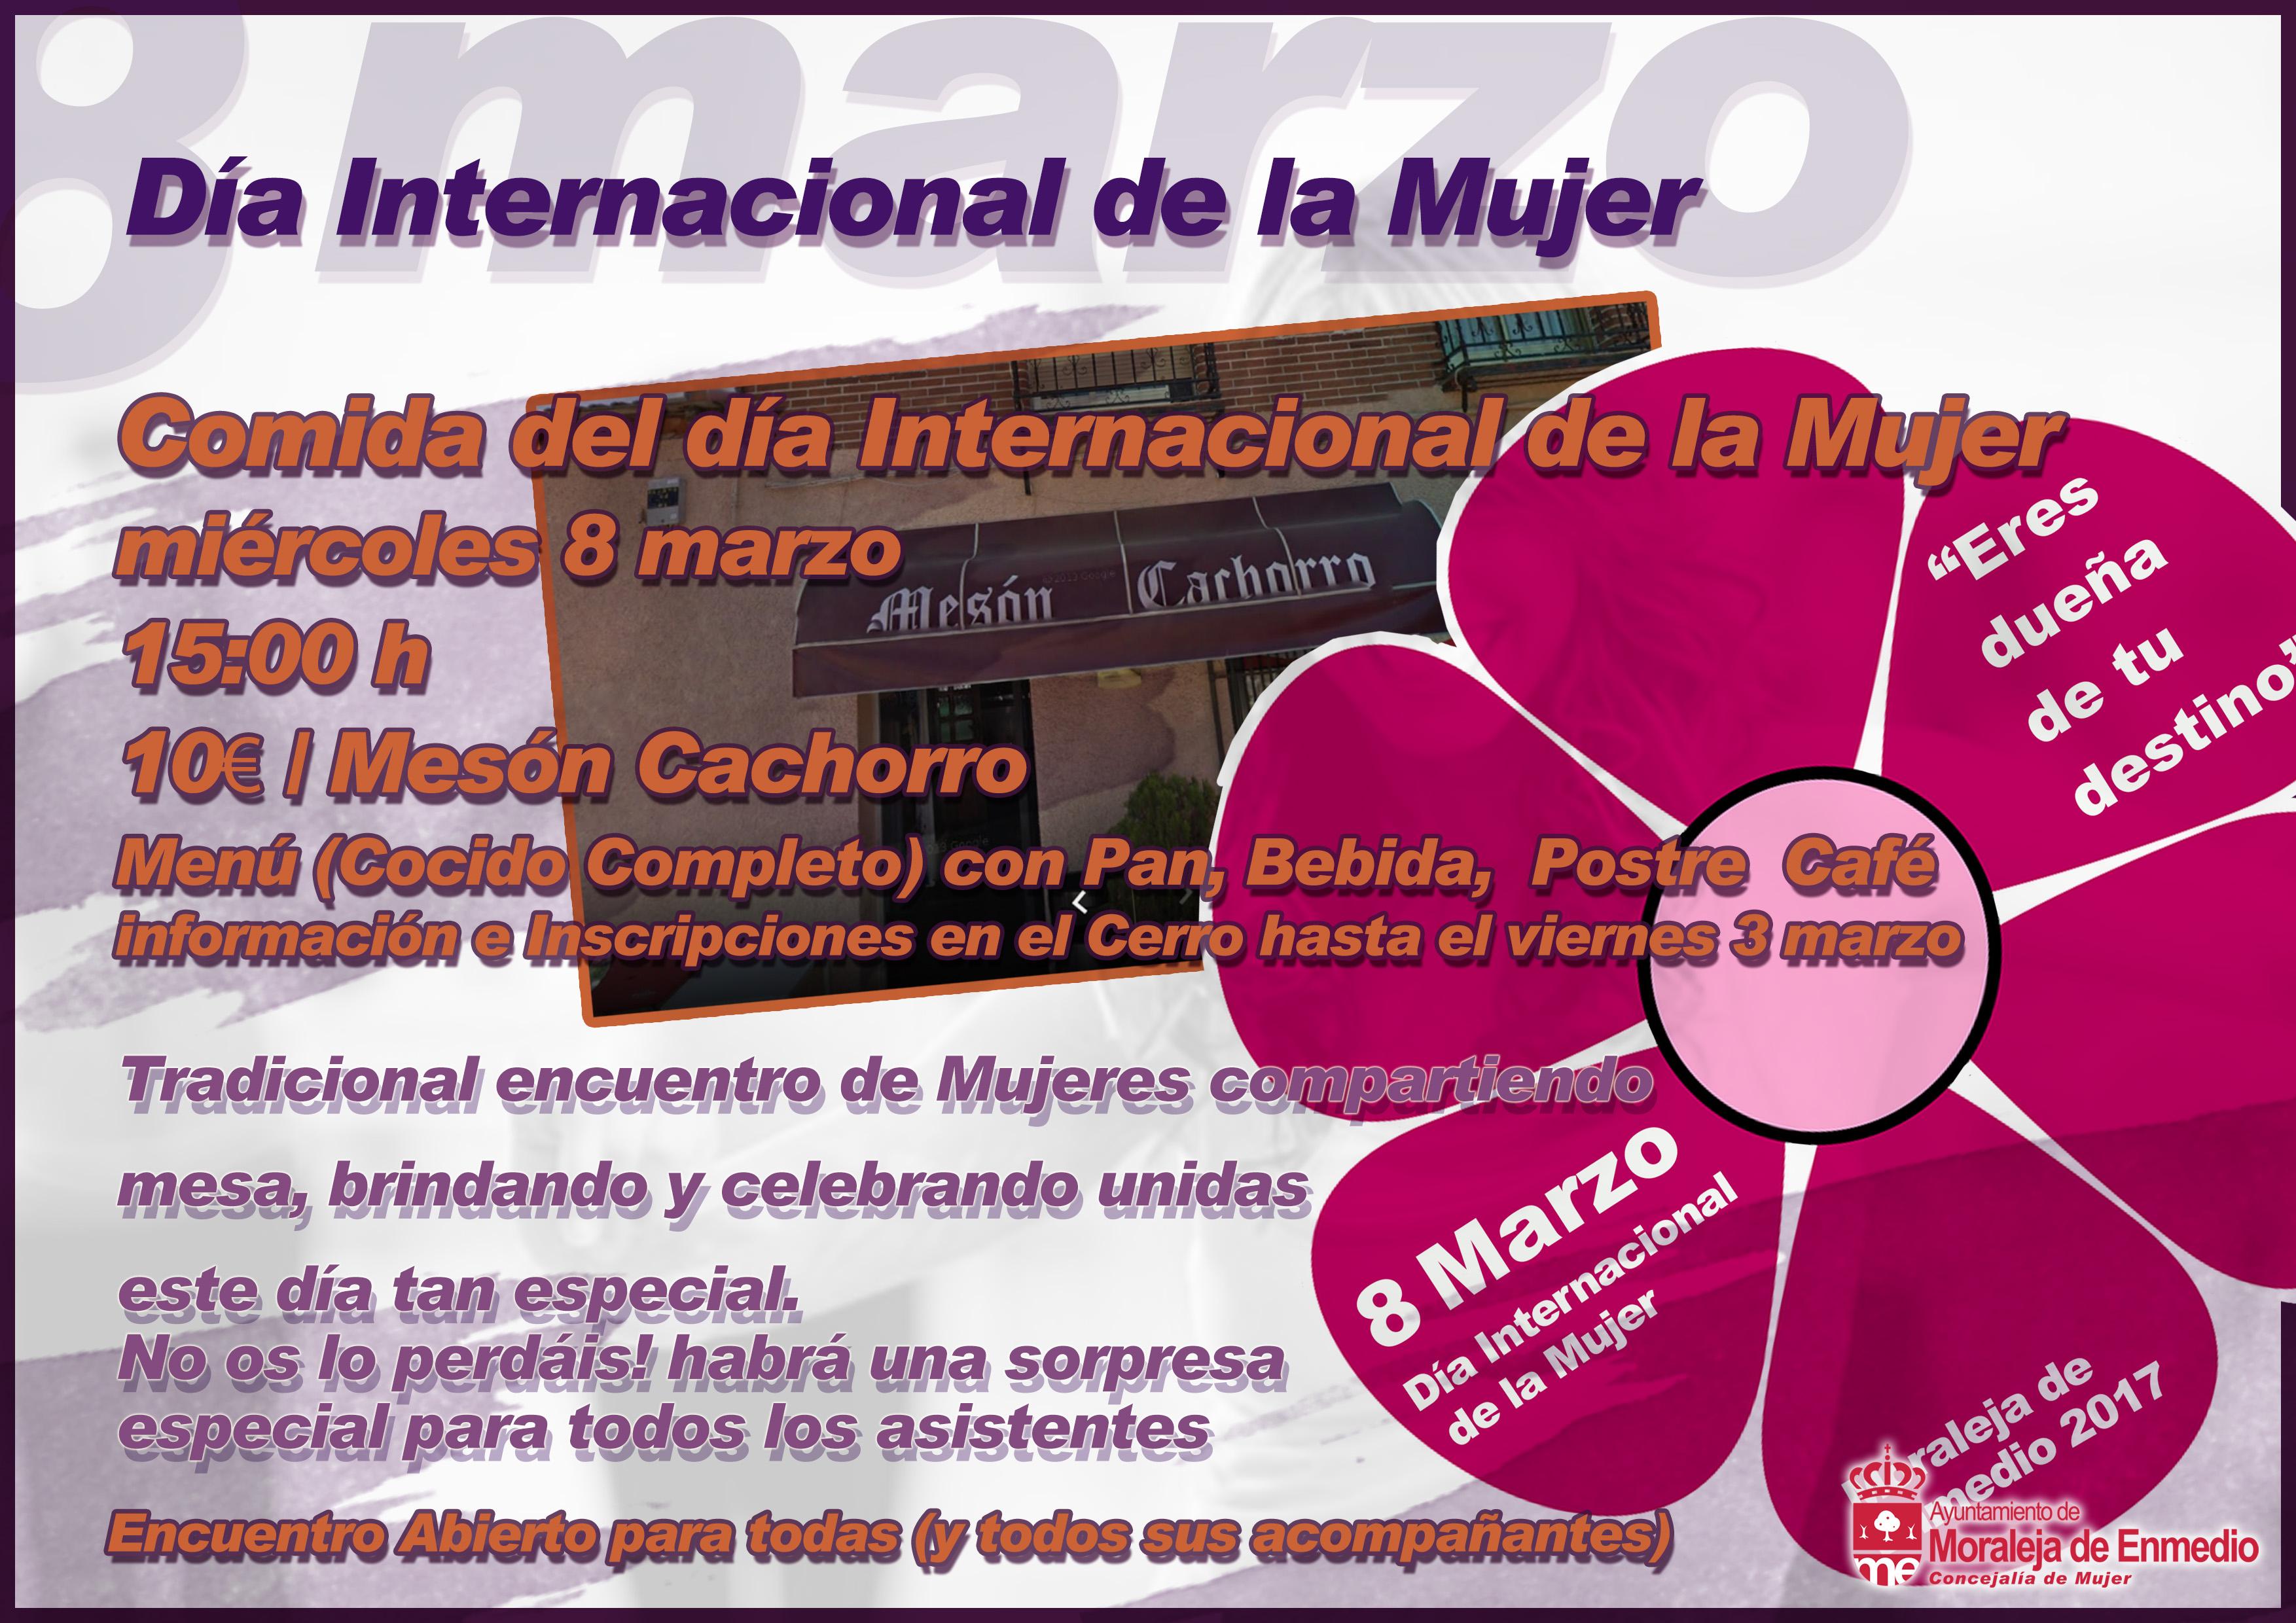 Día Internacional de la Mujer: COMIDA